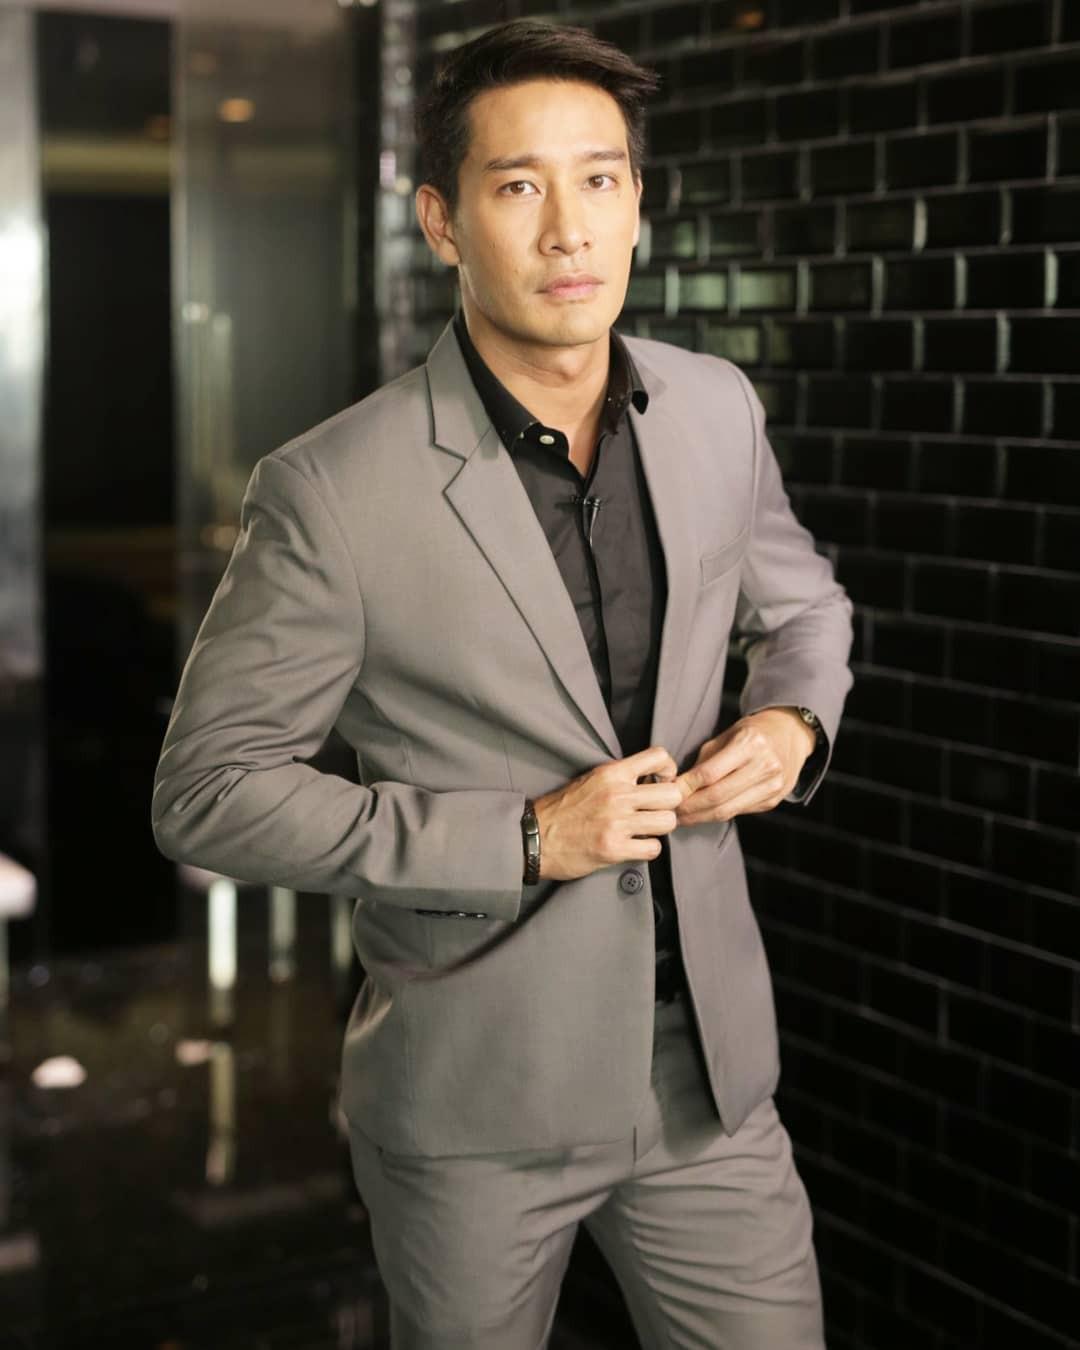 Vượt qua James Ji, Nadech và cả Mario, nam thần điển trai số 1 đài CH3 Thái là ông chú cực phẩm U40 này - Ảnh 7.